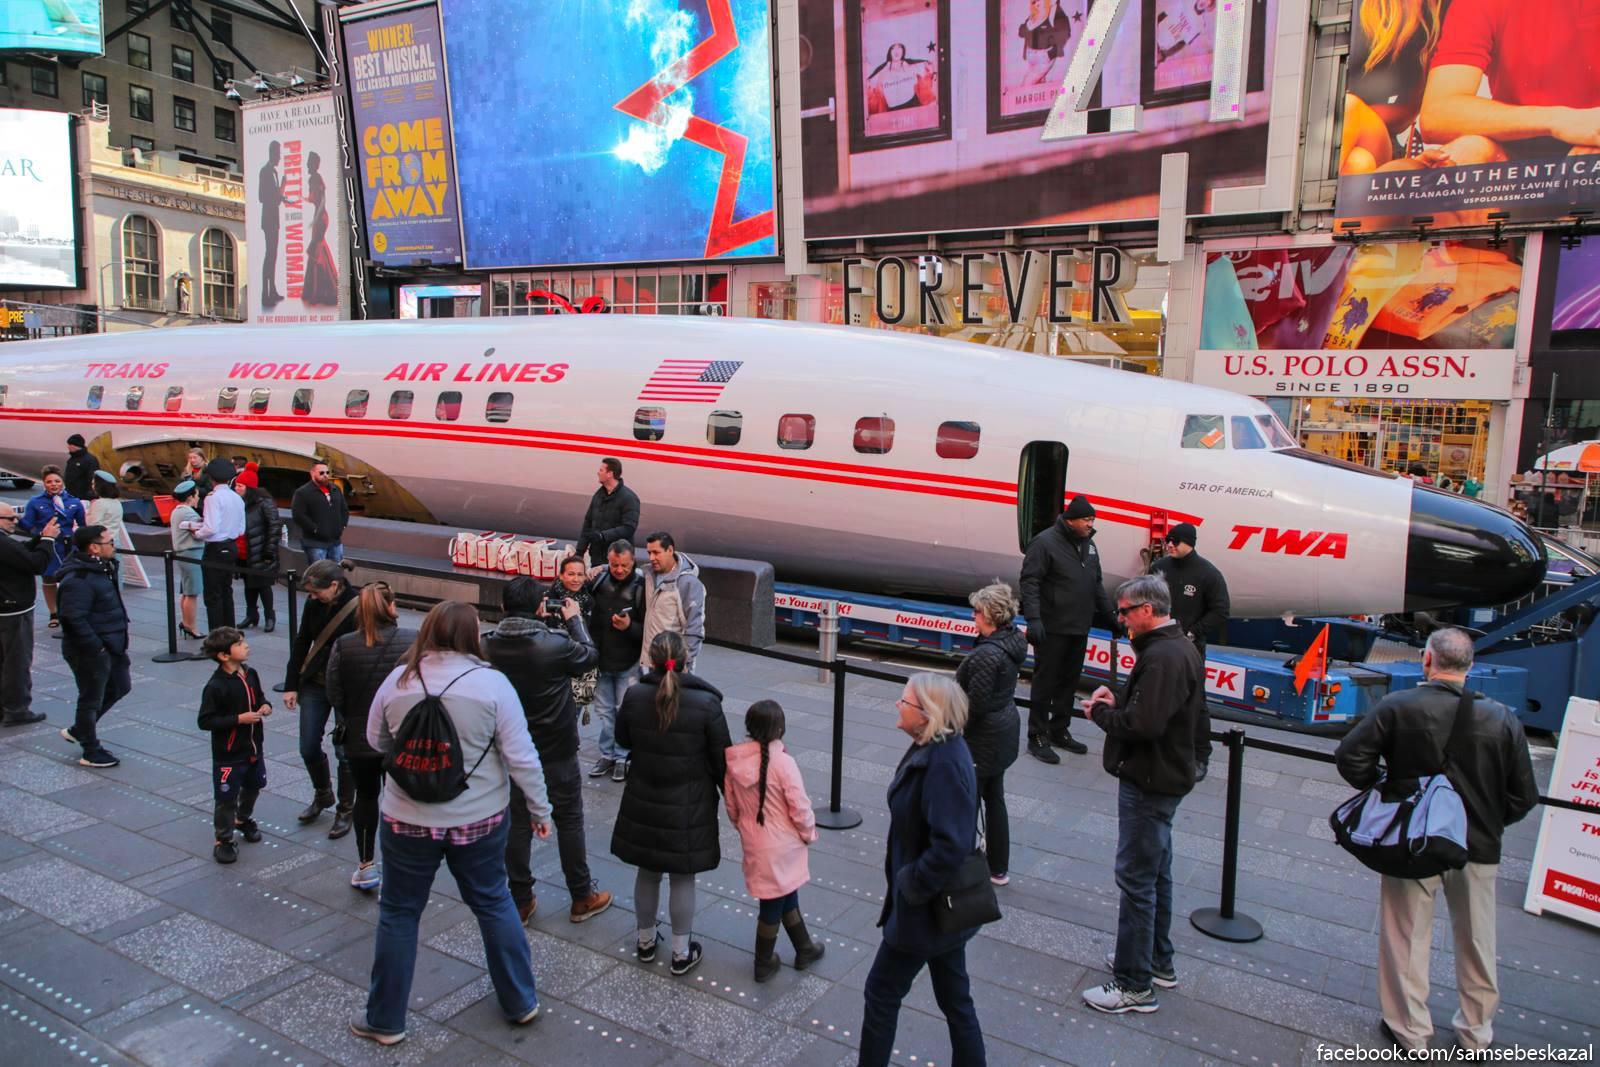 Что делает большой пассажирский авиалайнер в центре Нью-Йорка?